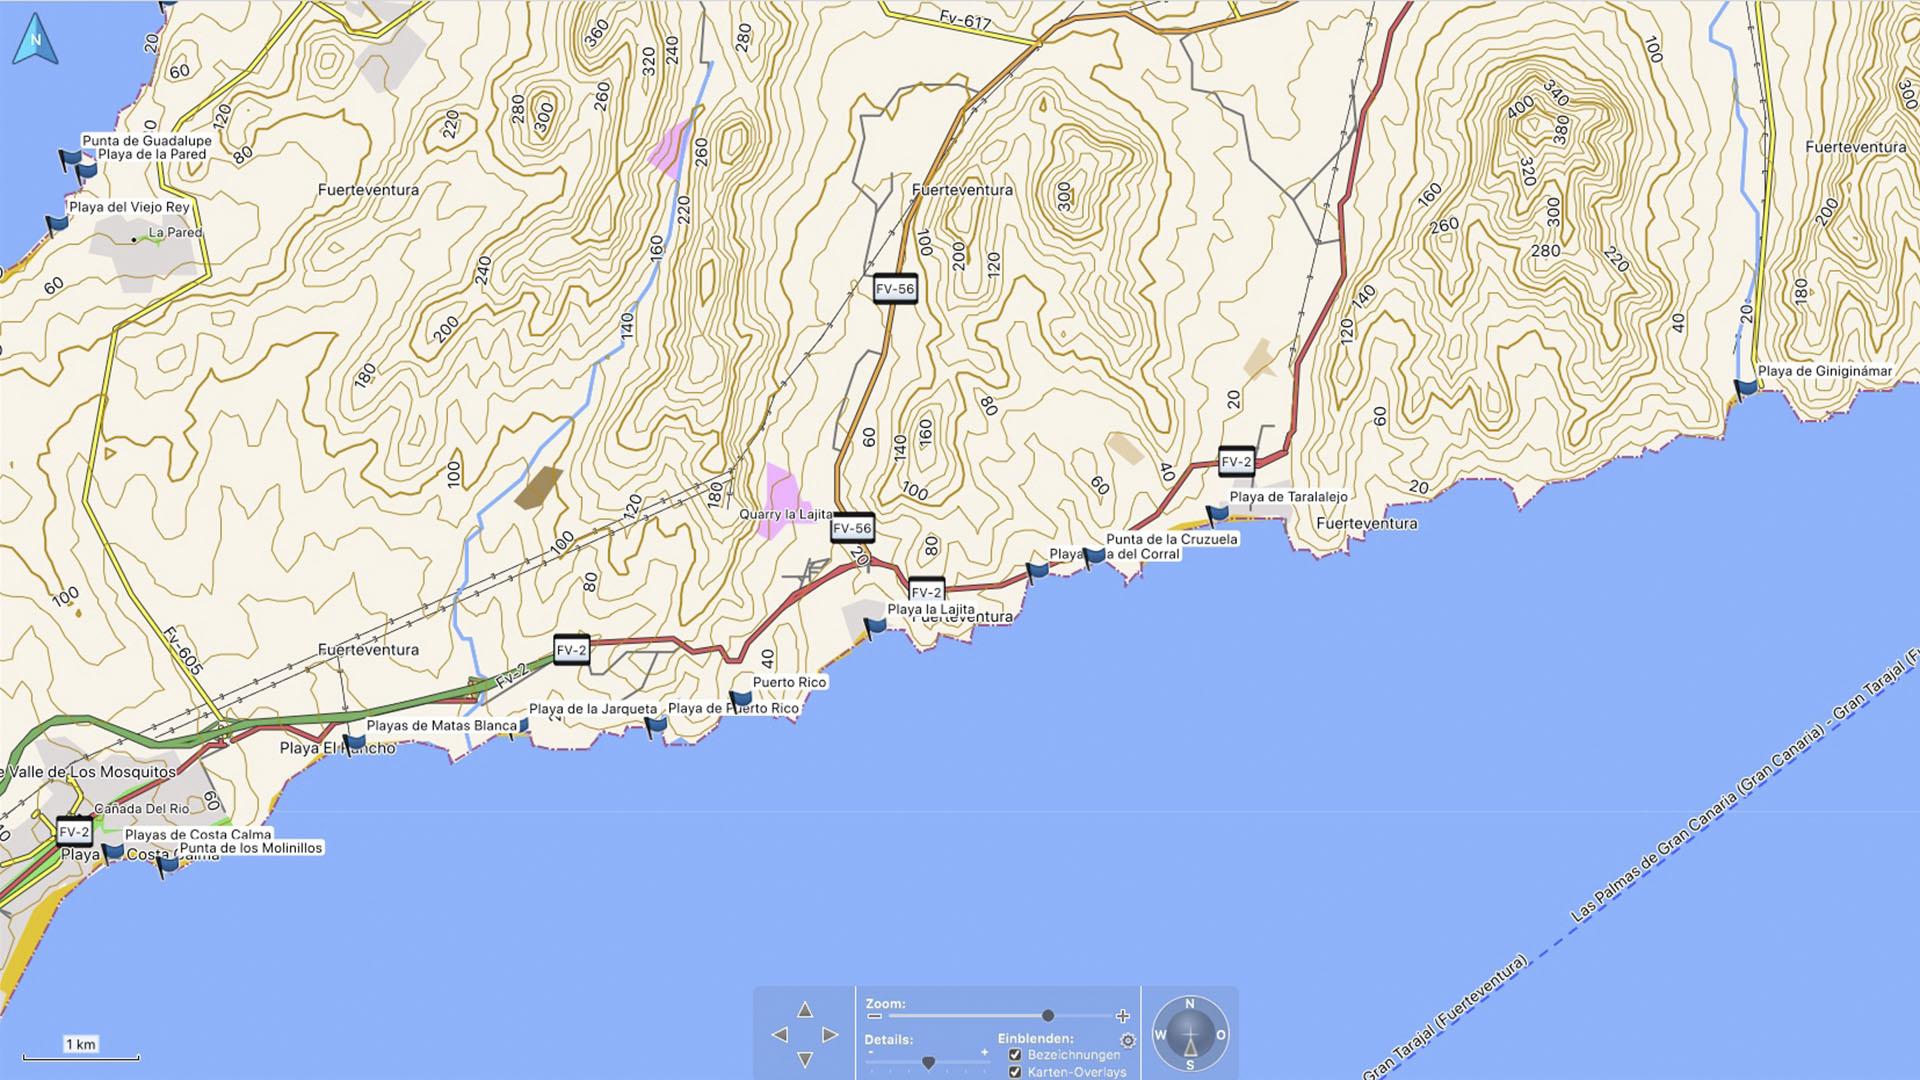 Fuerteventura Karte der Straende: Die Strände Giniginamar - Costa Calma.